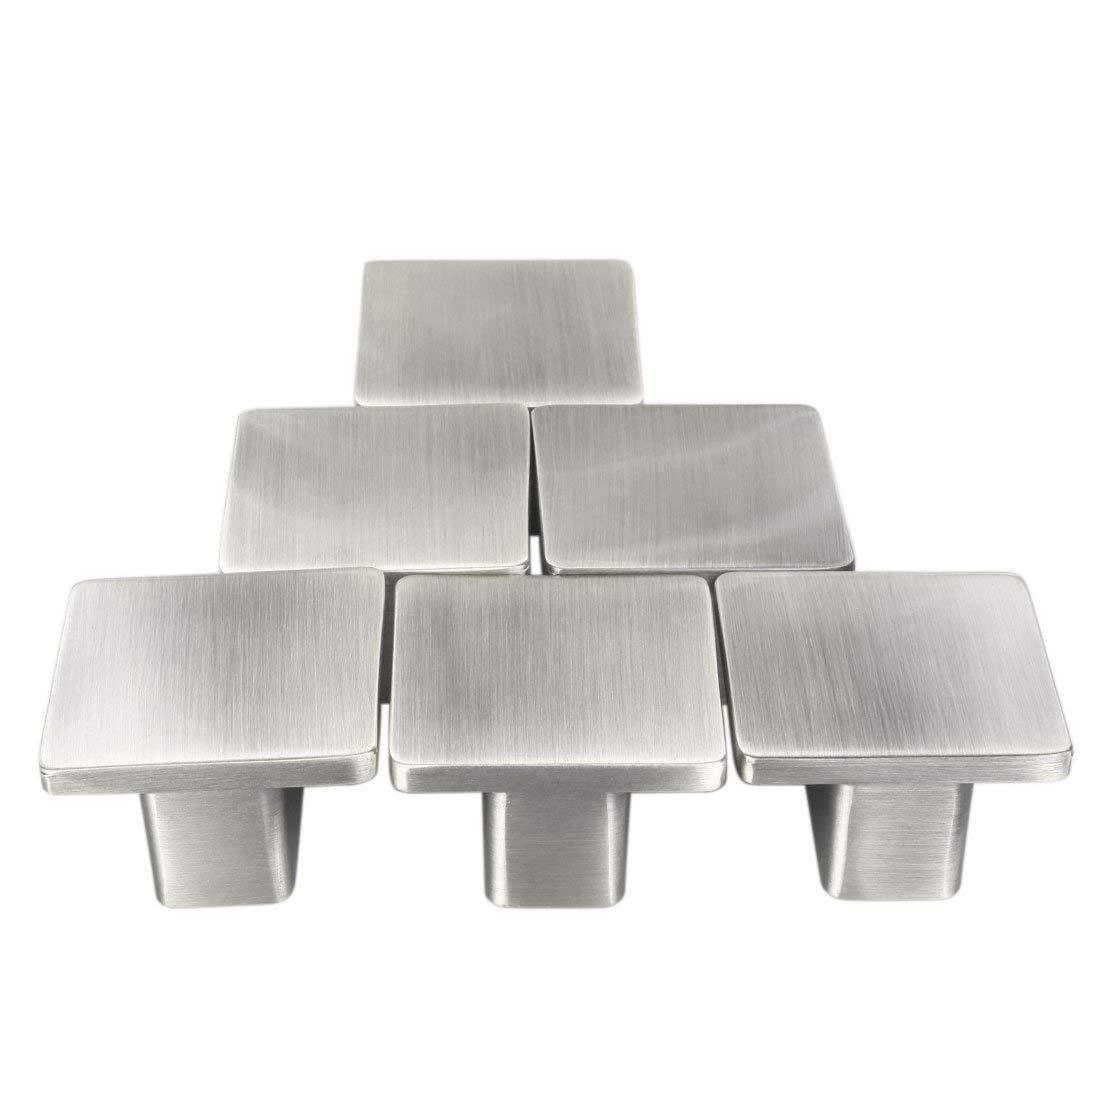 armarios cajones dorado MARGUERAS 10 Pomo de puerta de aleaci/ón de zinc para armarios de cocina